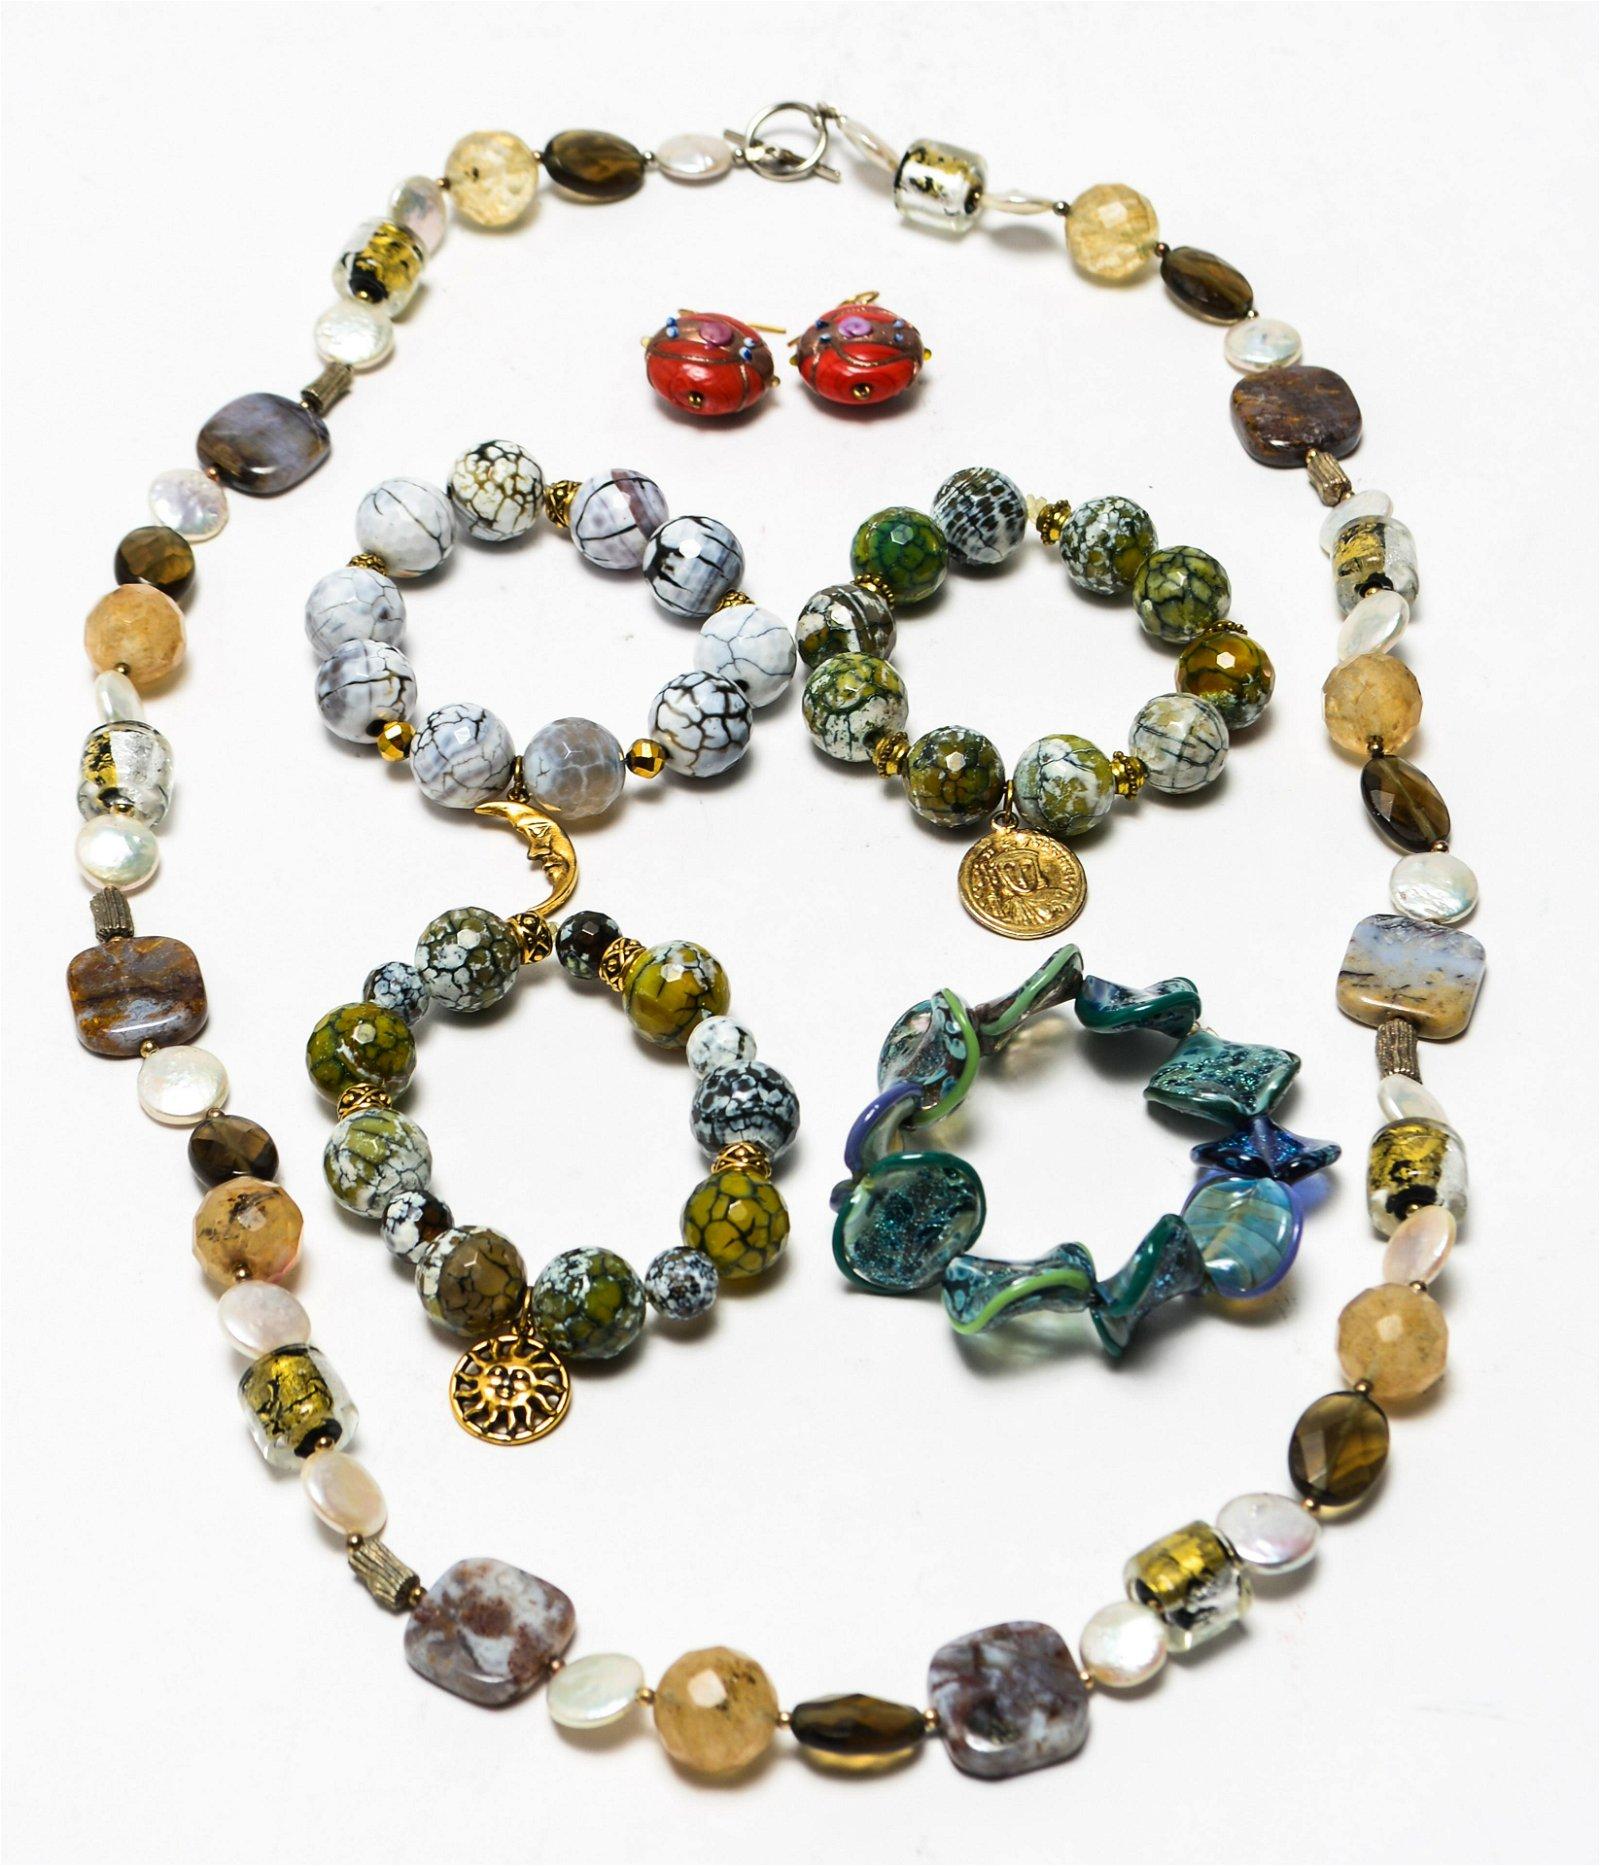 Hardstone MOP & Glass Bracelets Necklace Earrings